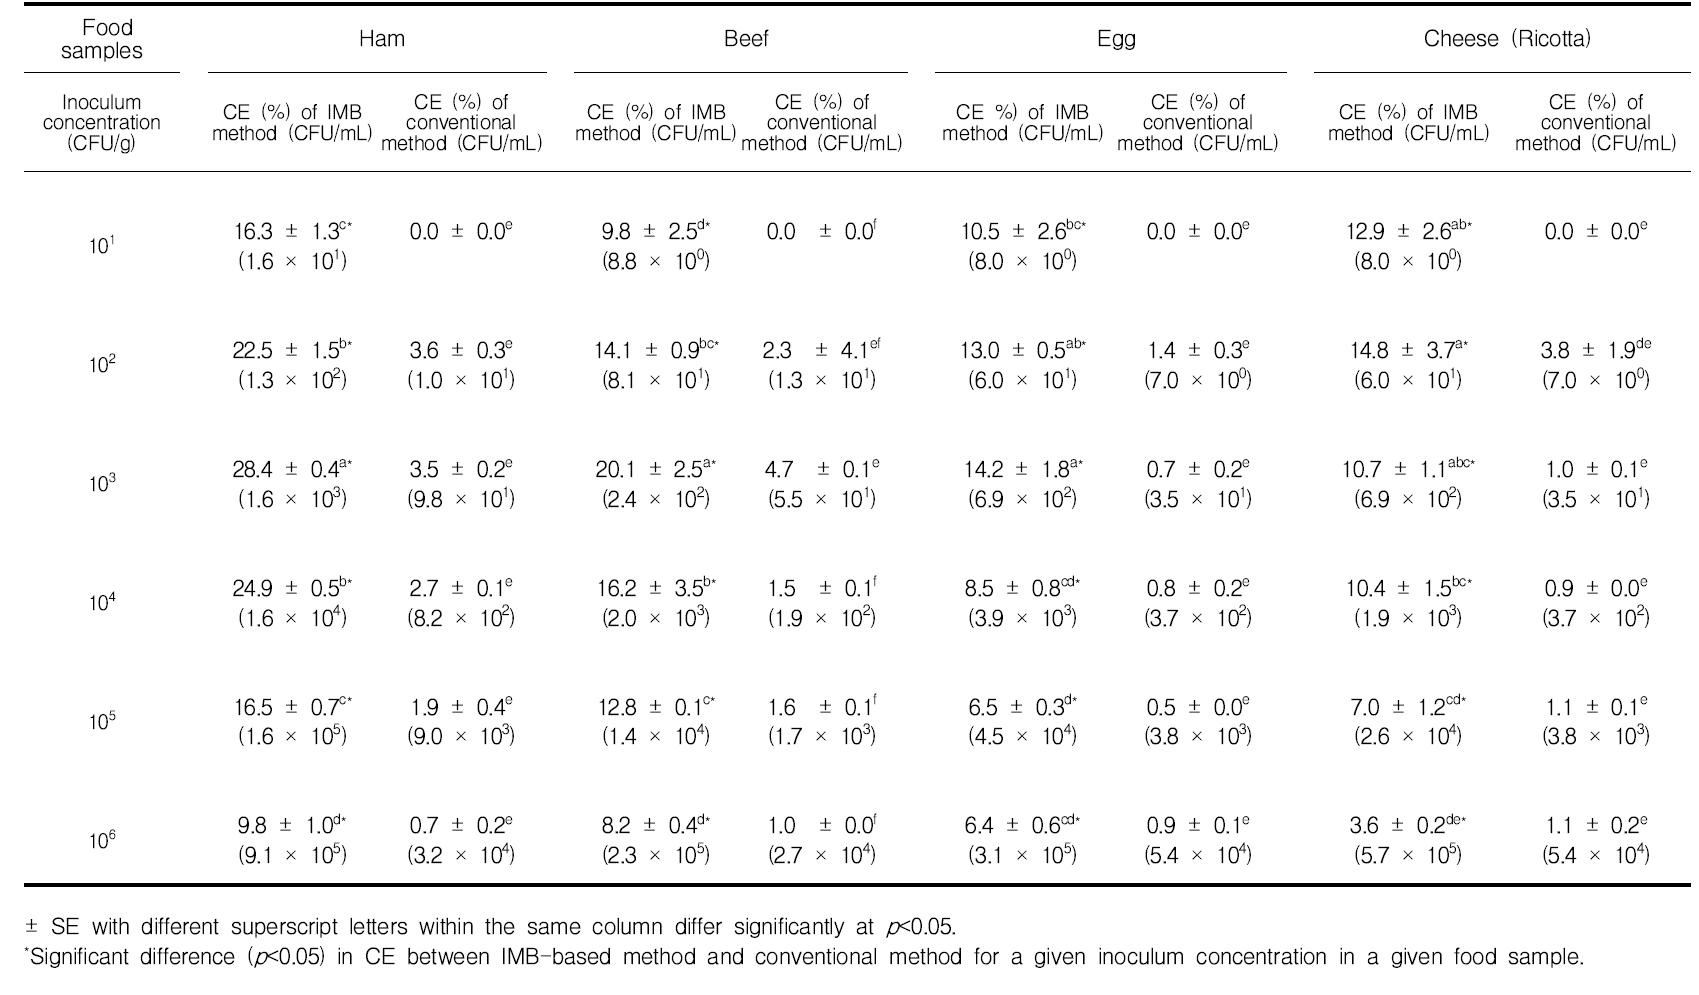 면역자성입자를 활용한 햄, 소고기, 계란, 치즈에서 S. aureus의 회수율